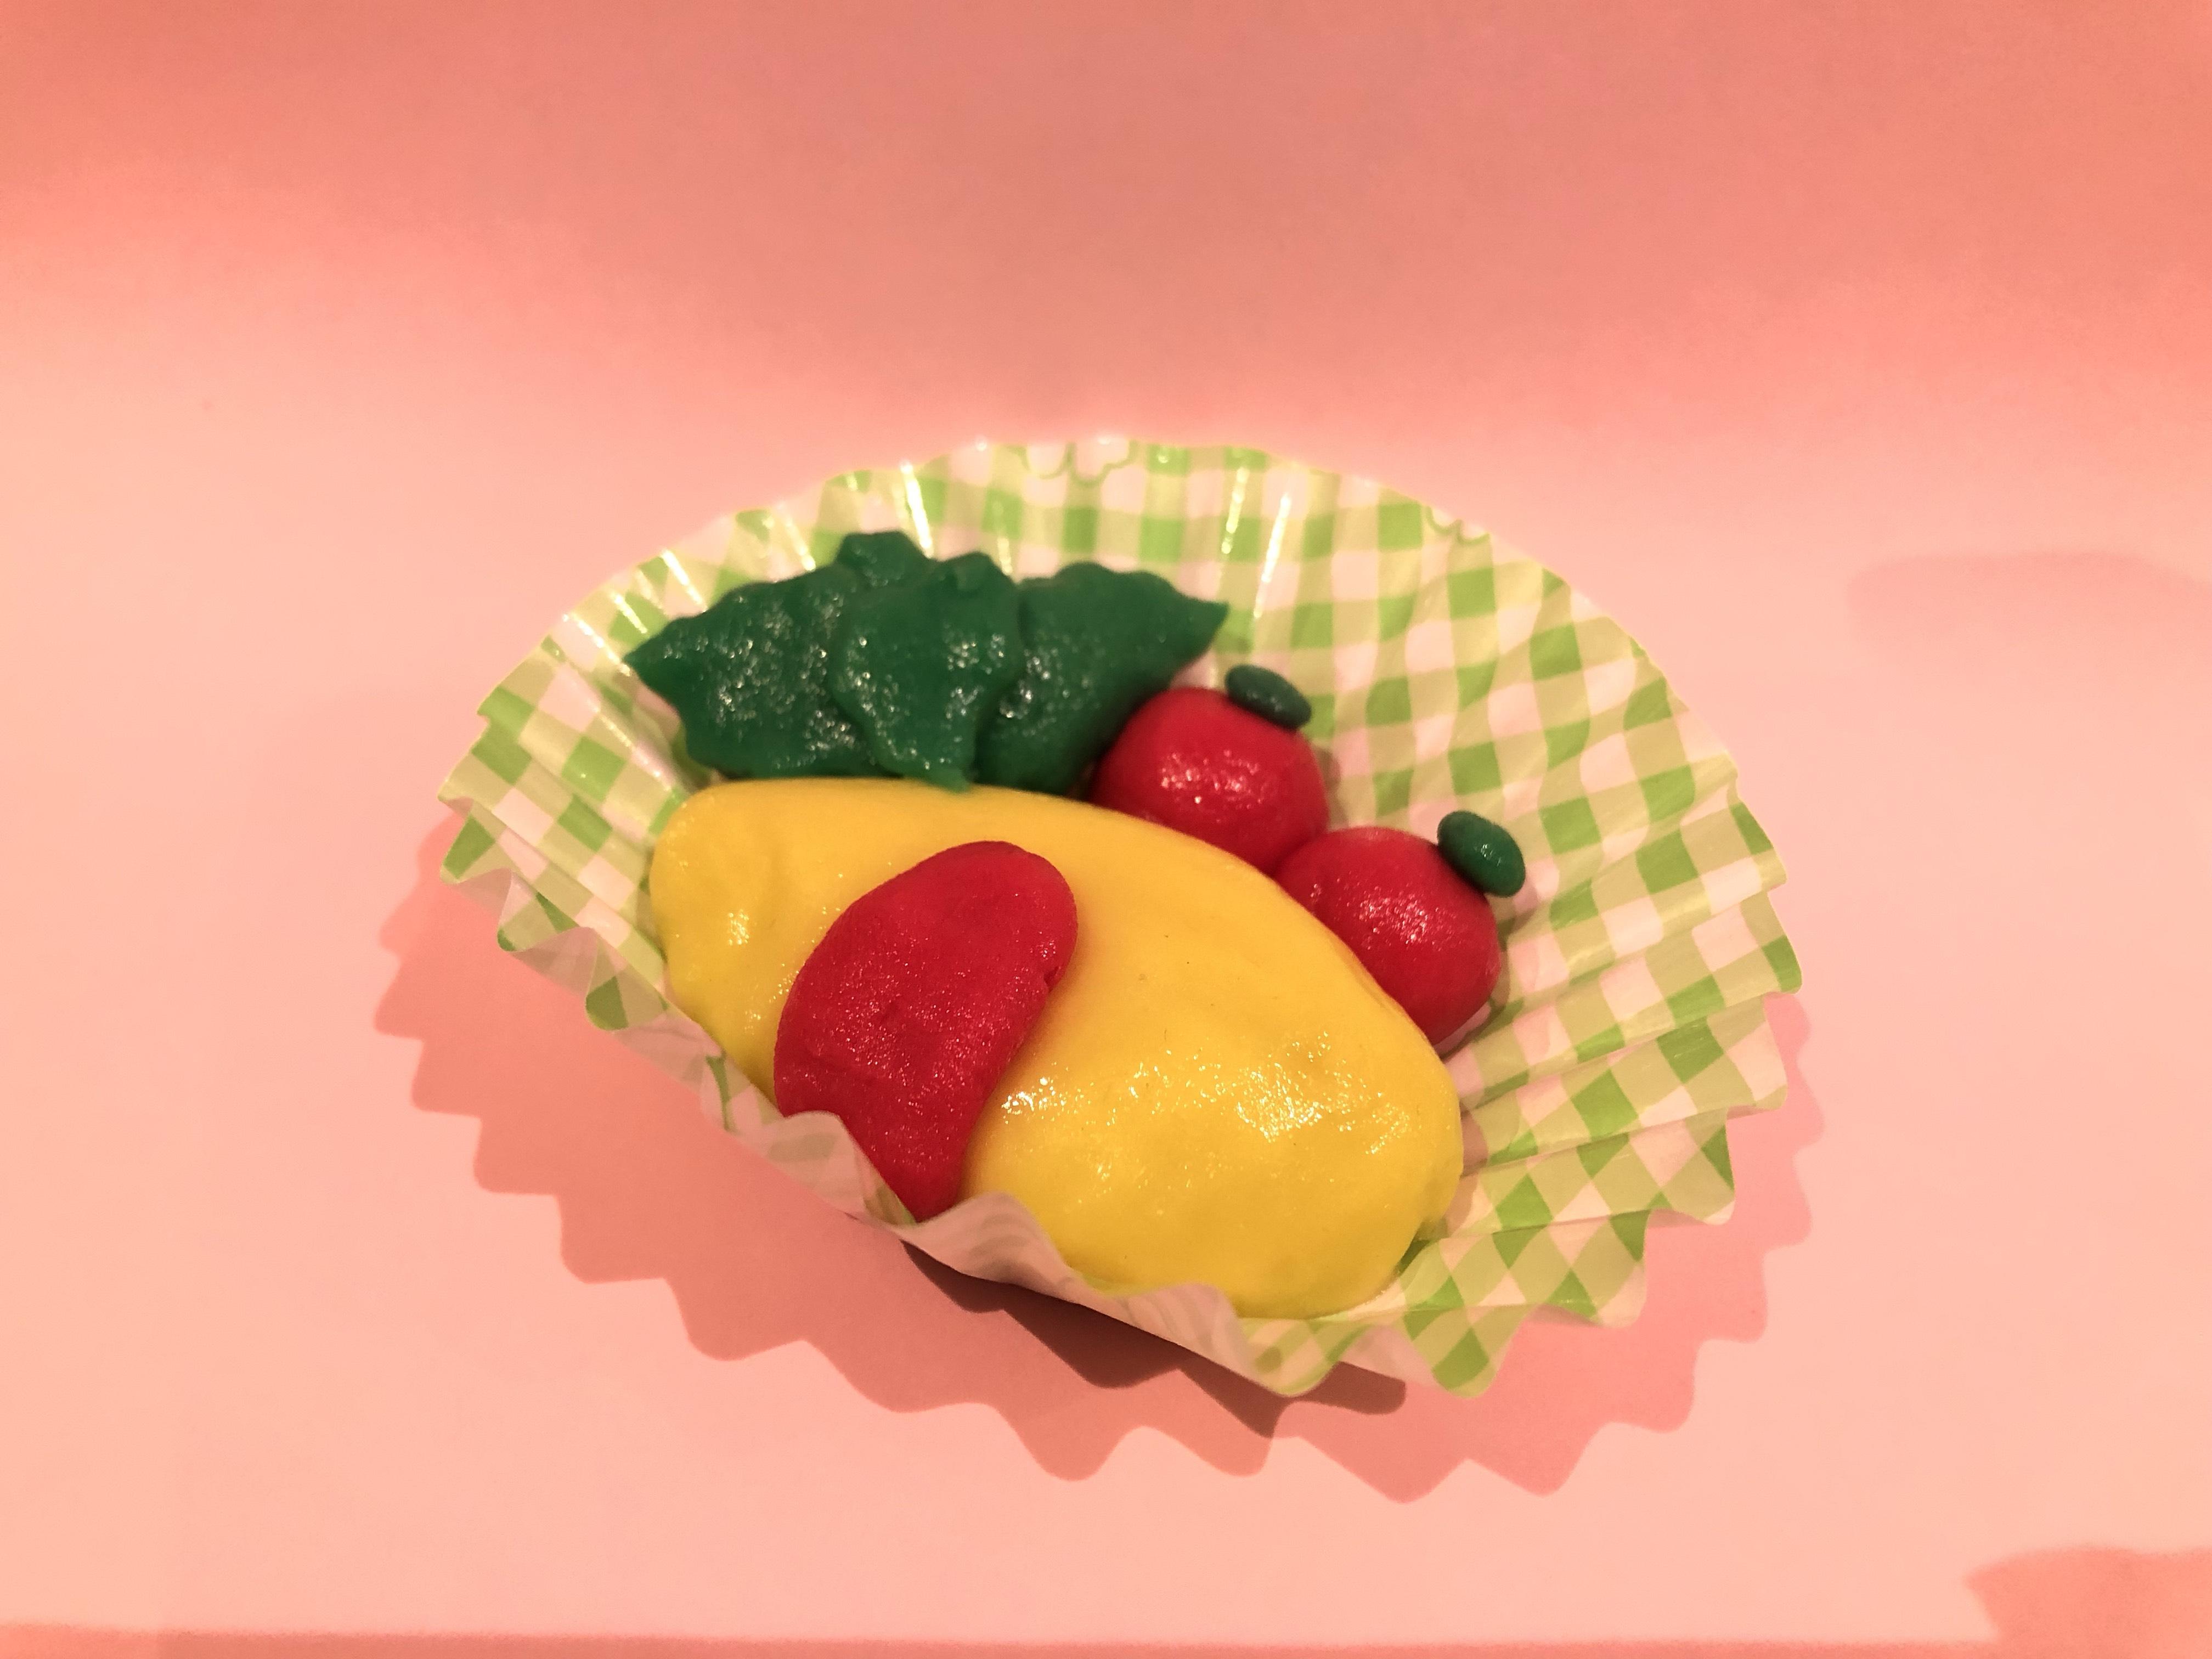 【休日イベント】かんてんネンドでオムライスお弁当づくり